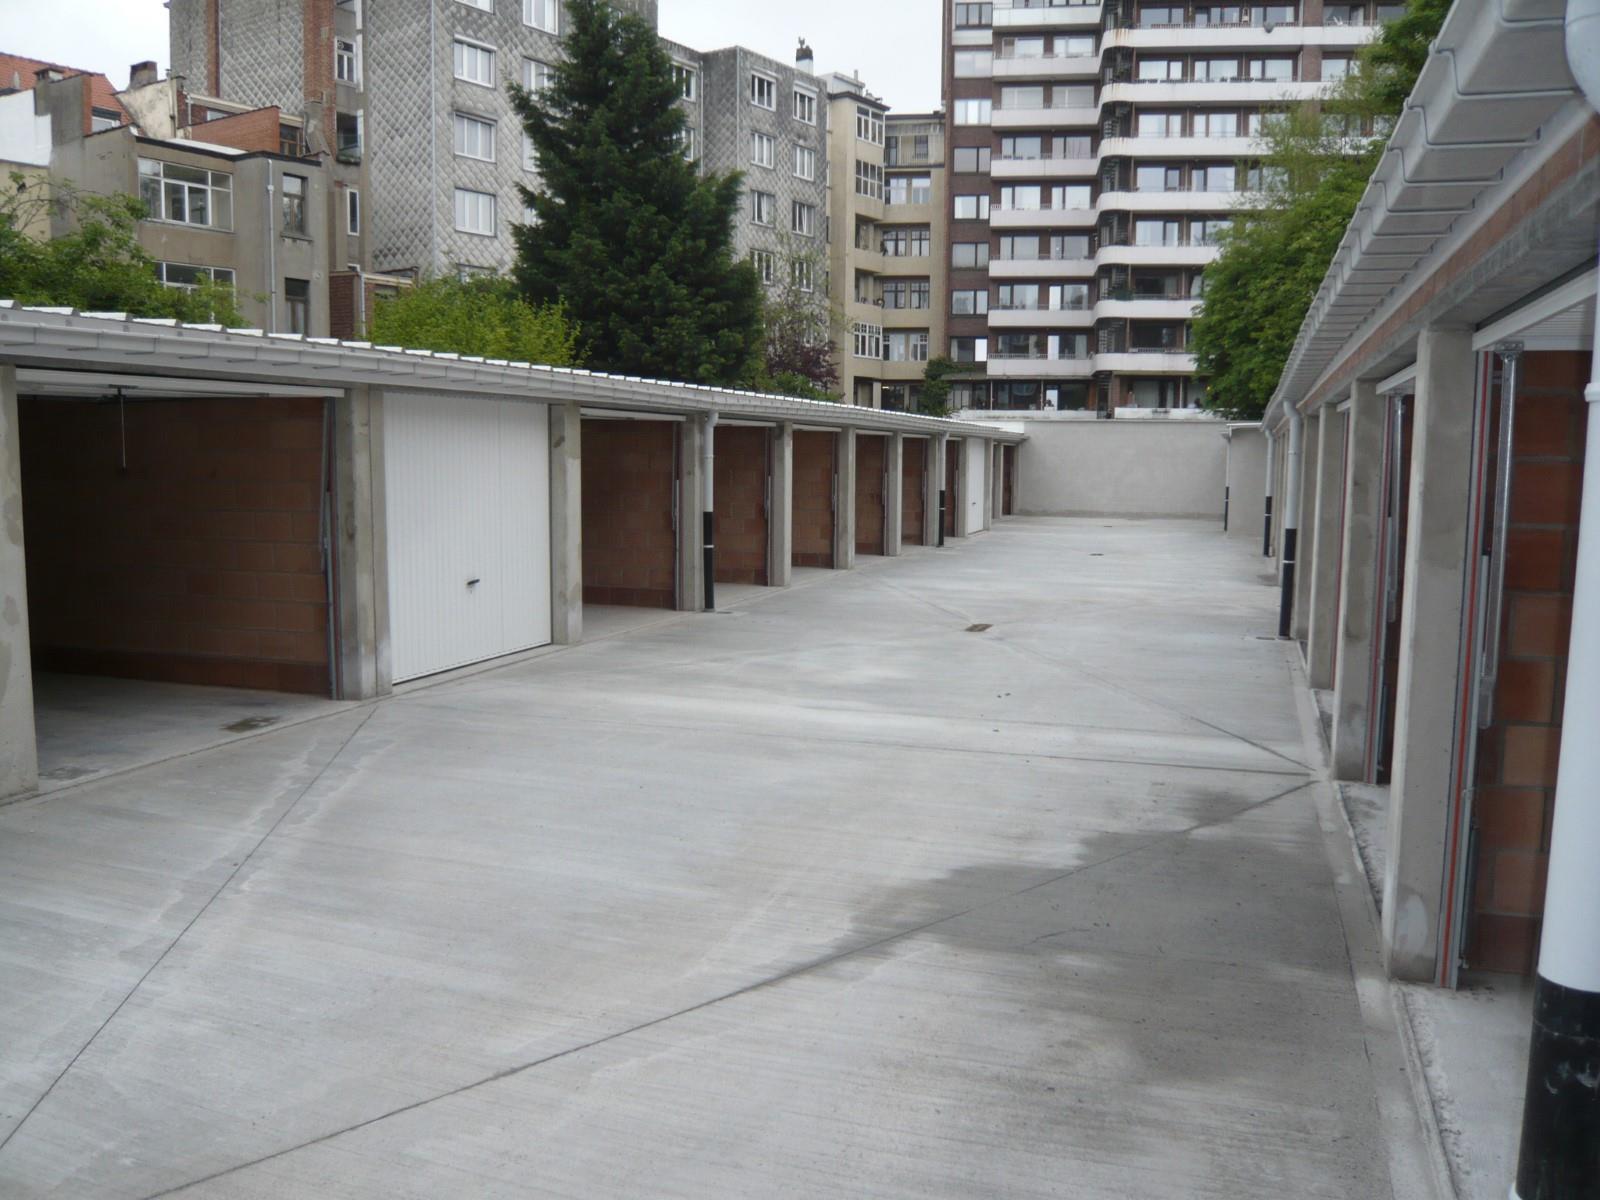 Garage (ferme) - Schaerbeek - #3975304-1